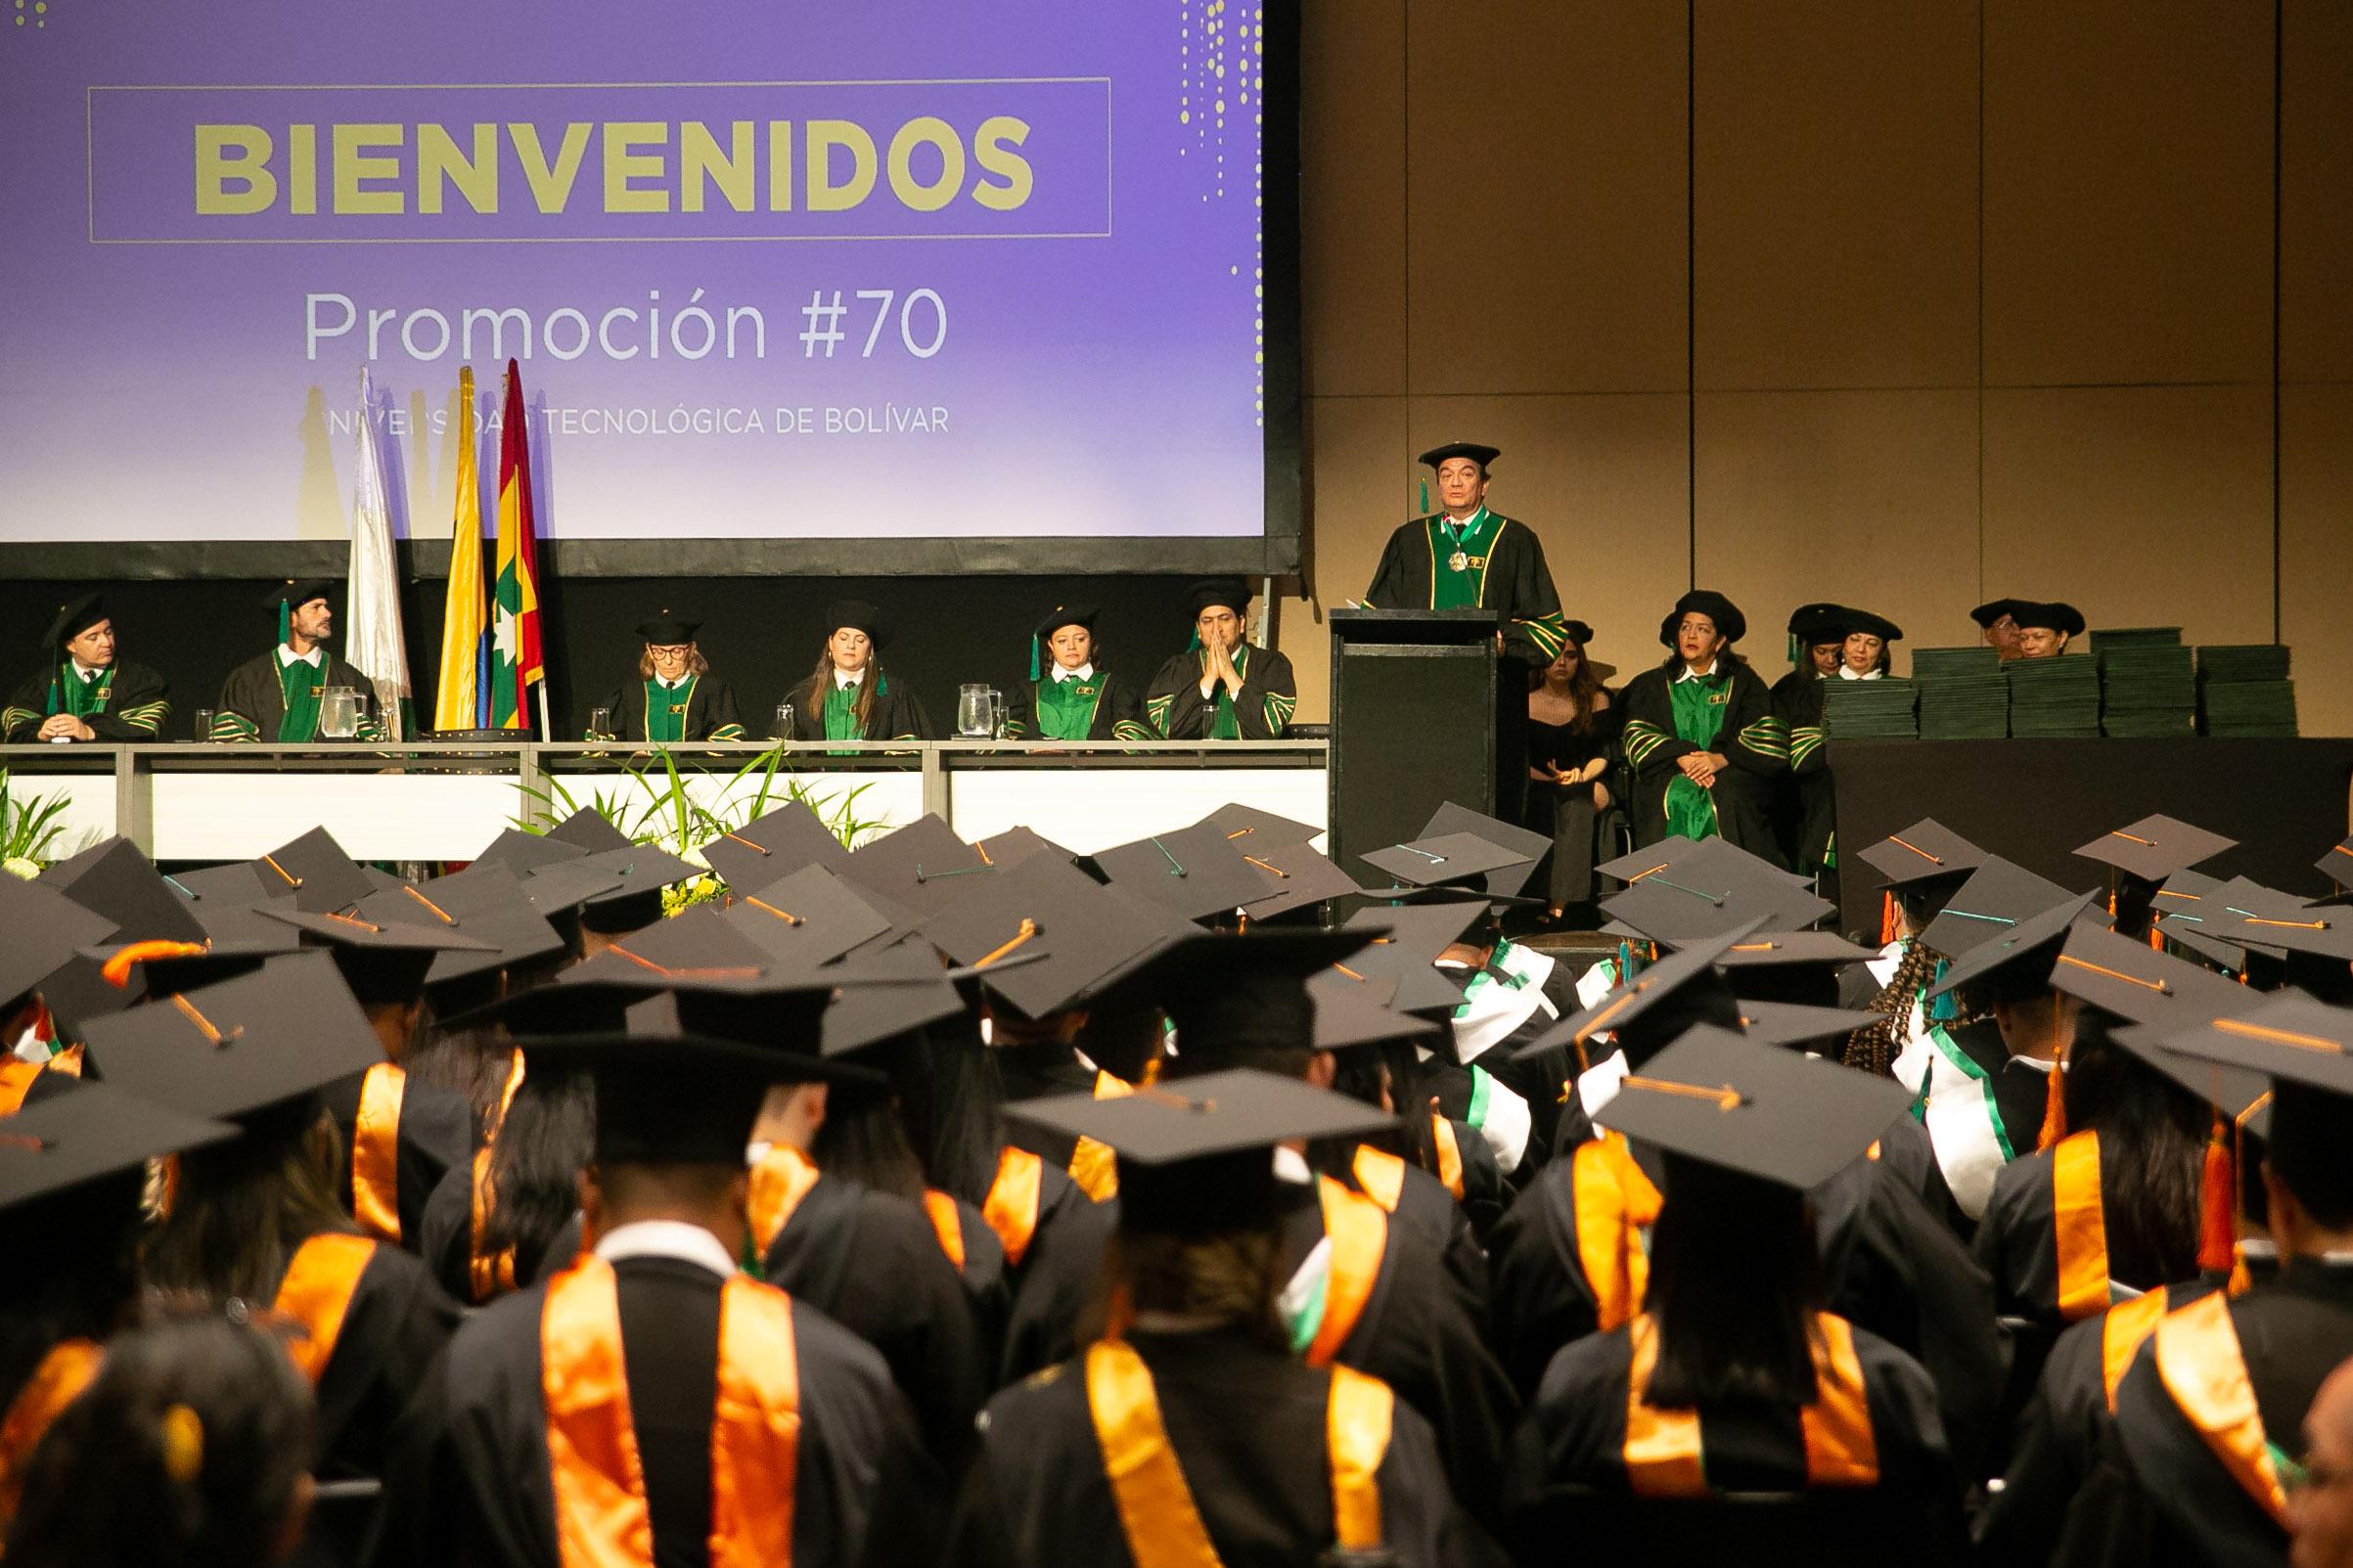 Felicitaciones a nuestra promoción No. 70